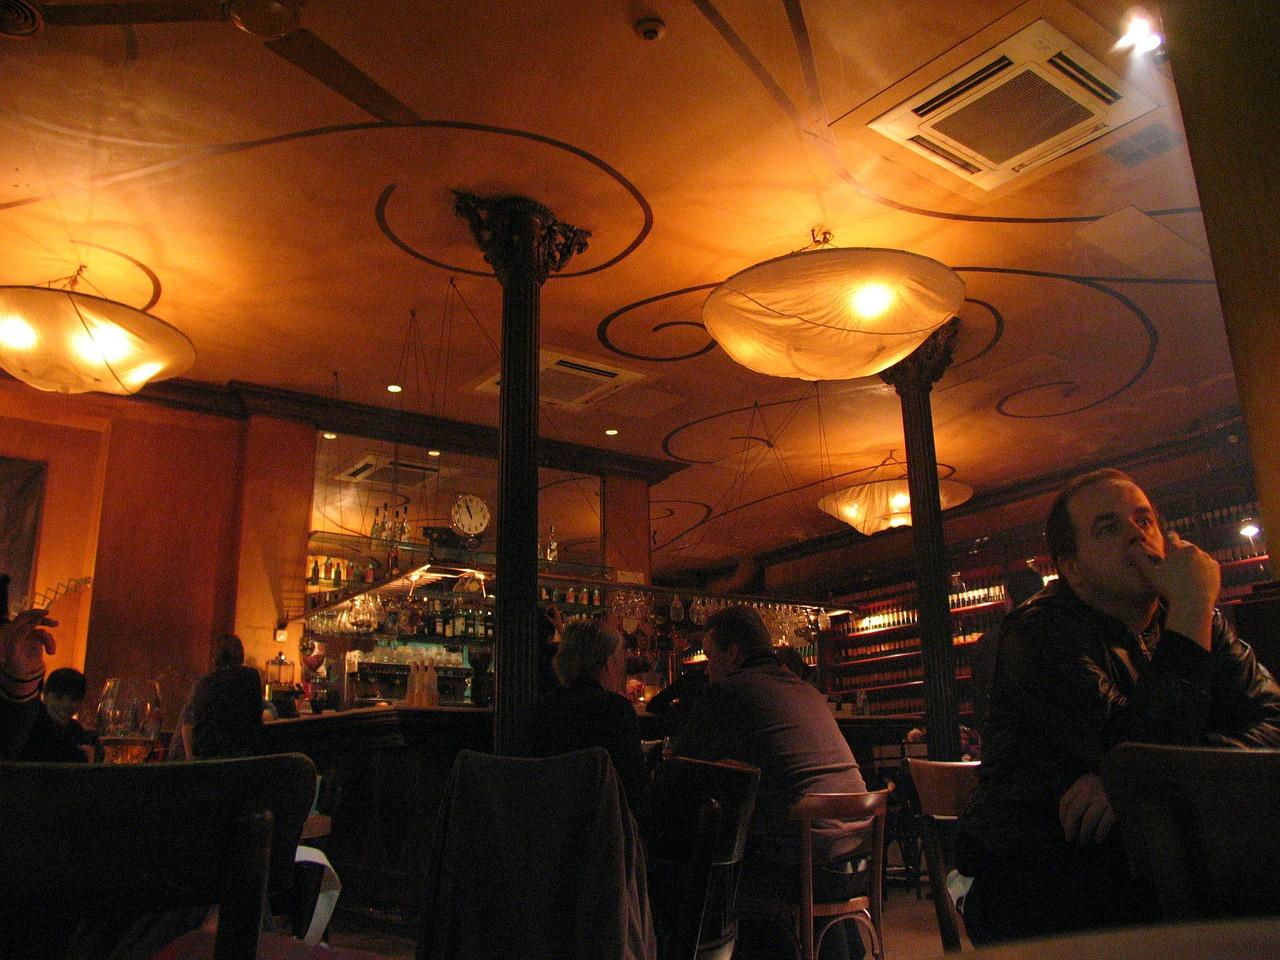 飲食店テナントの営業時間に対する大家さんの悩み【飲食店・居抜き店舗:今週のまとめ】